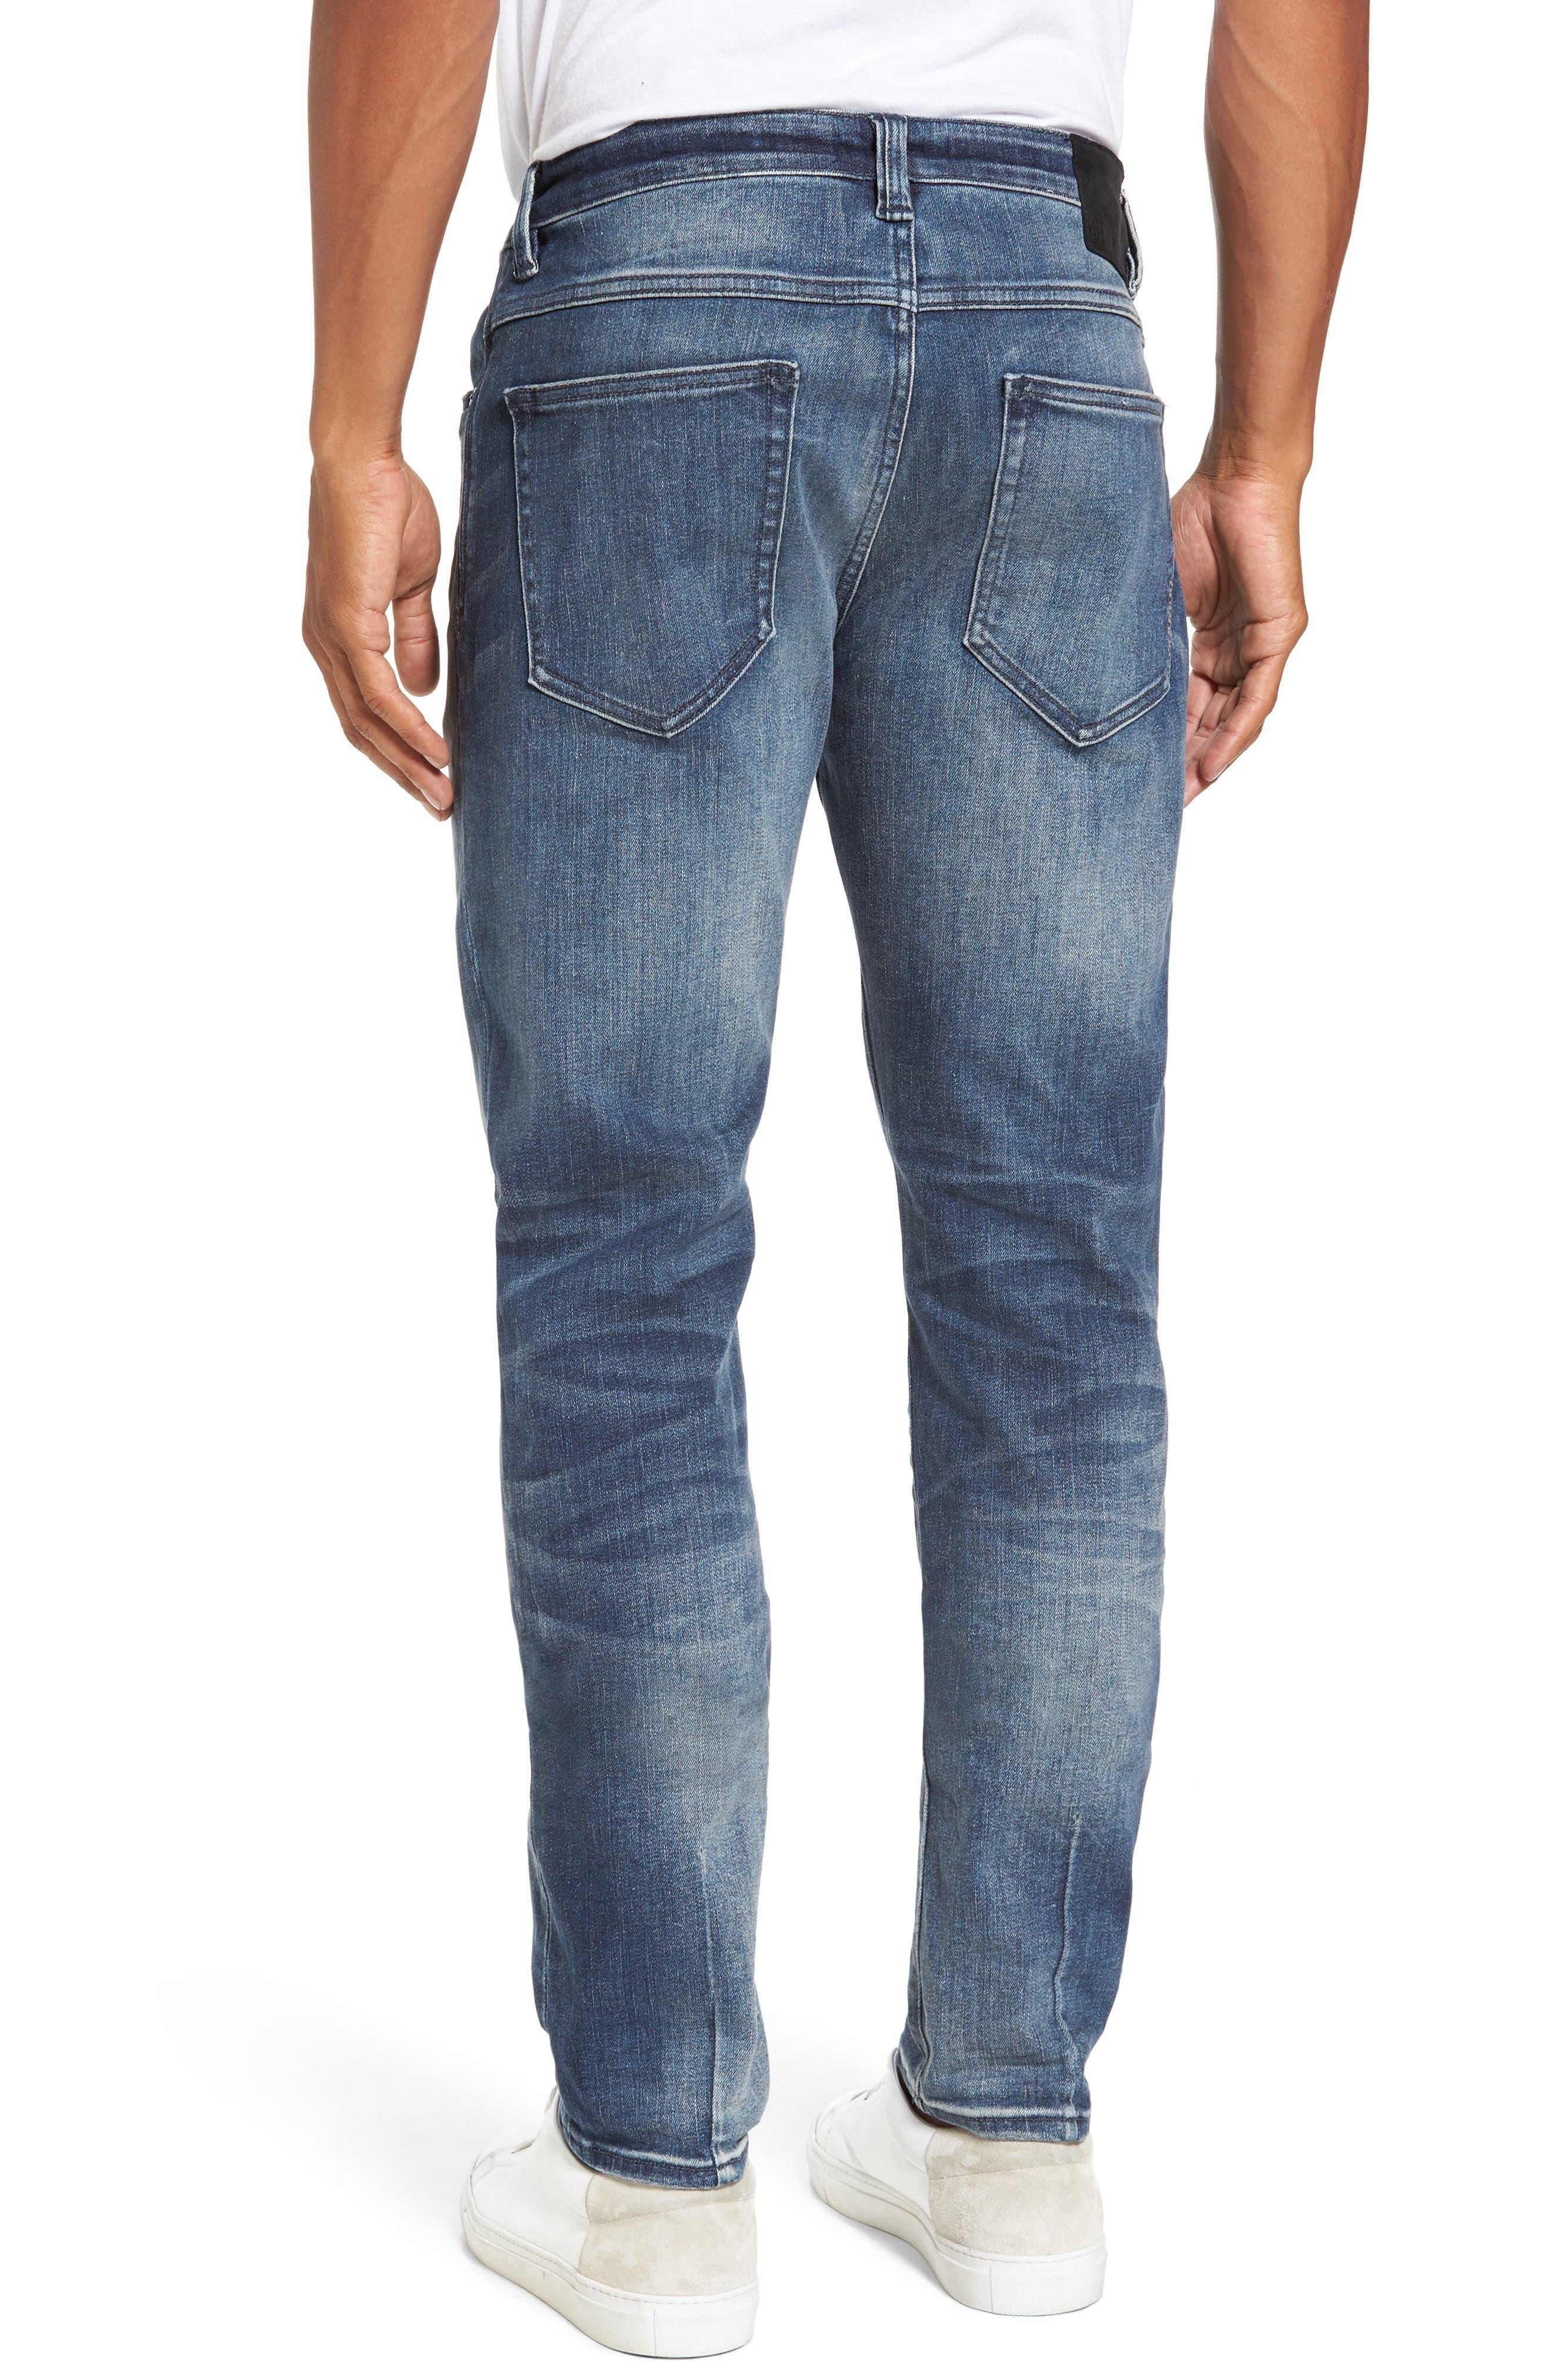 Lou Slim Fit Jeans,                             Alternate thumbnail 2, color,                             403